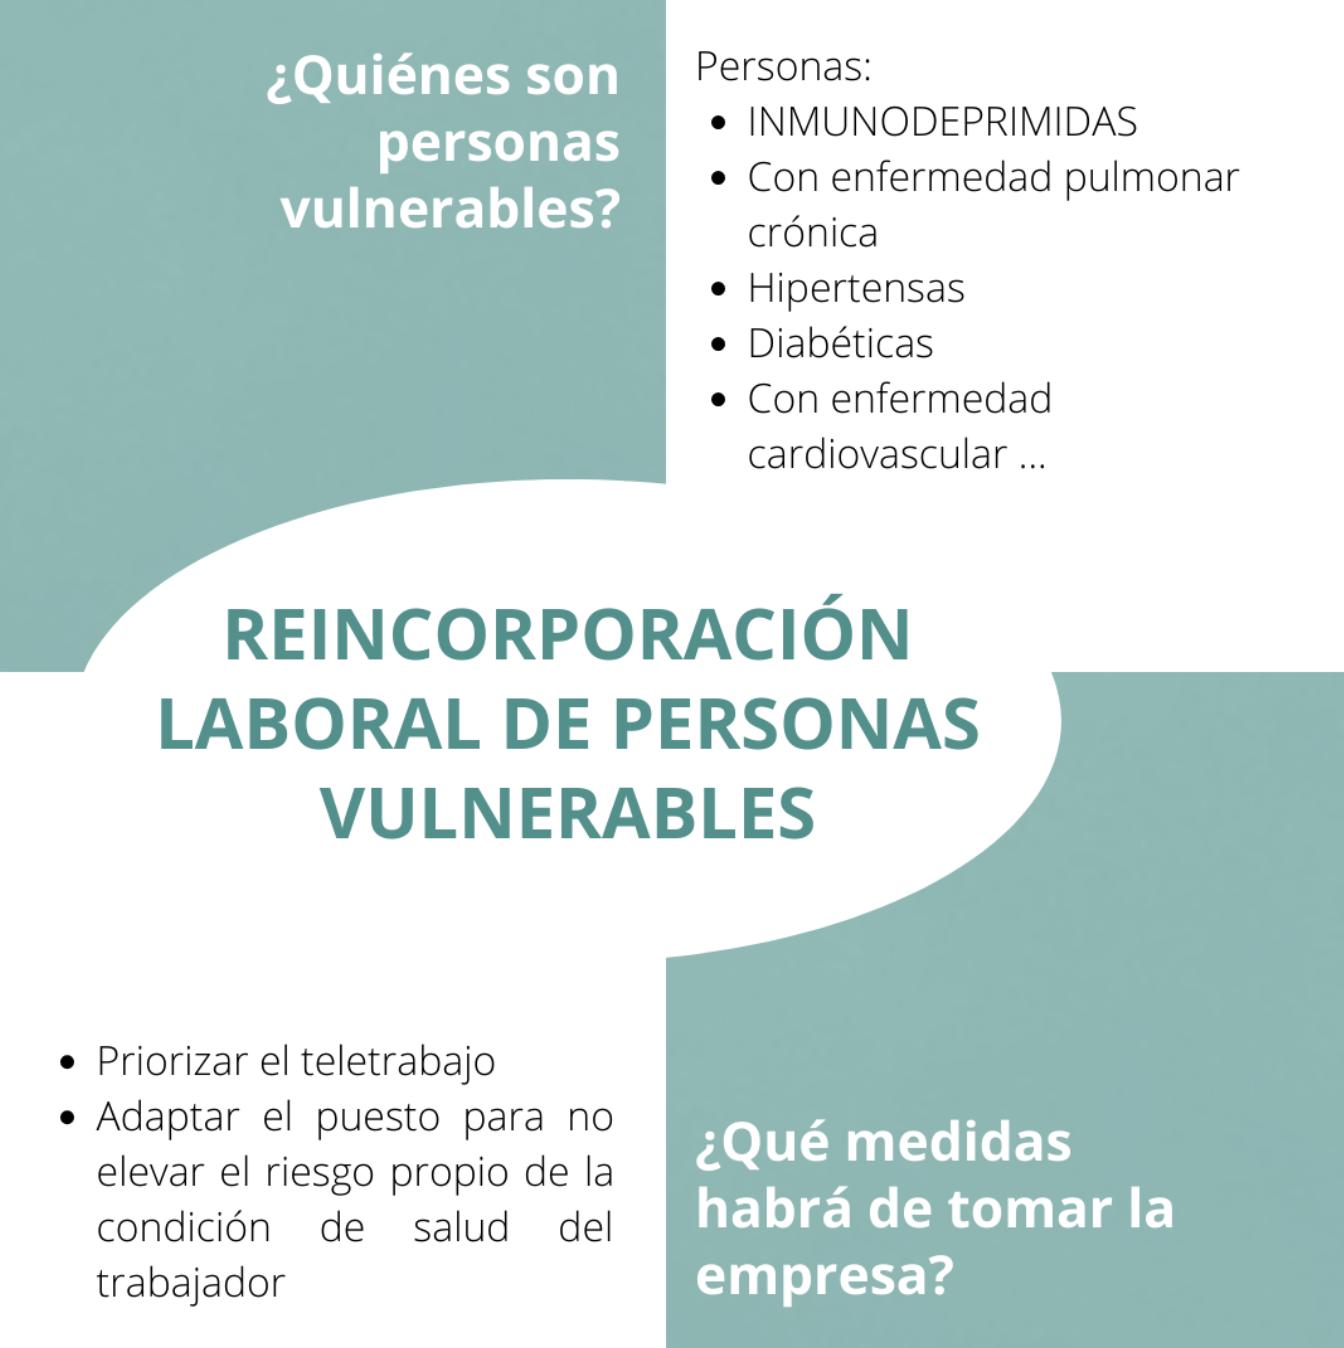 COVID 19: REINCORPORACIÓN LABORAL DE PERSONAS VULNERABLES